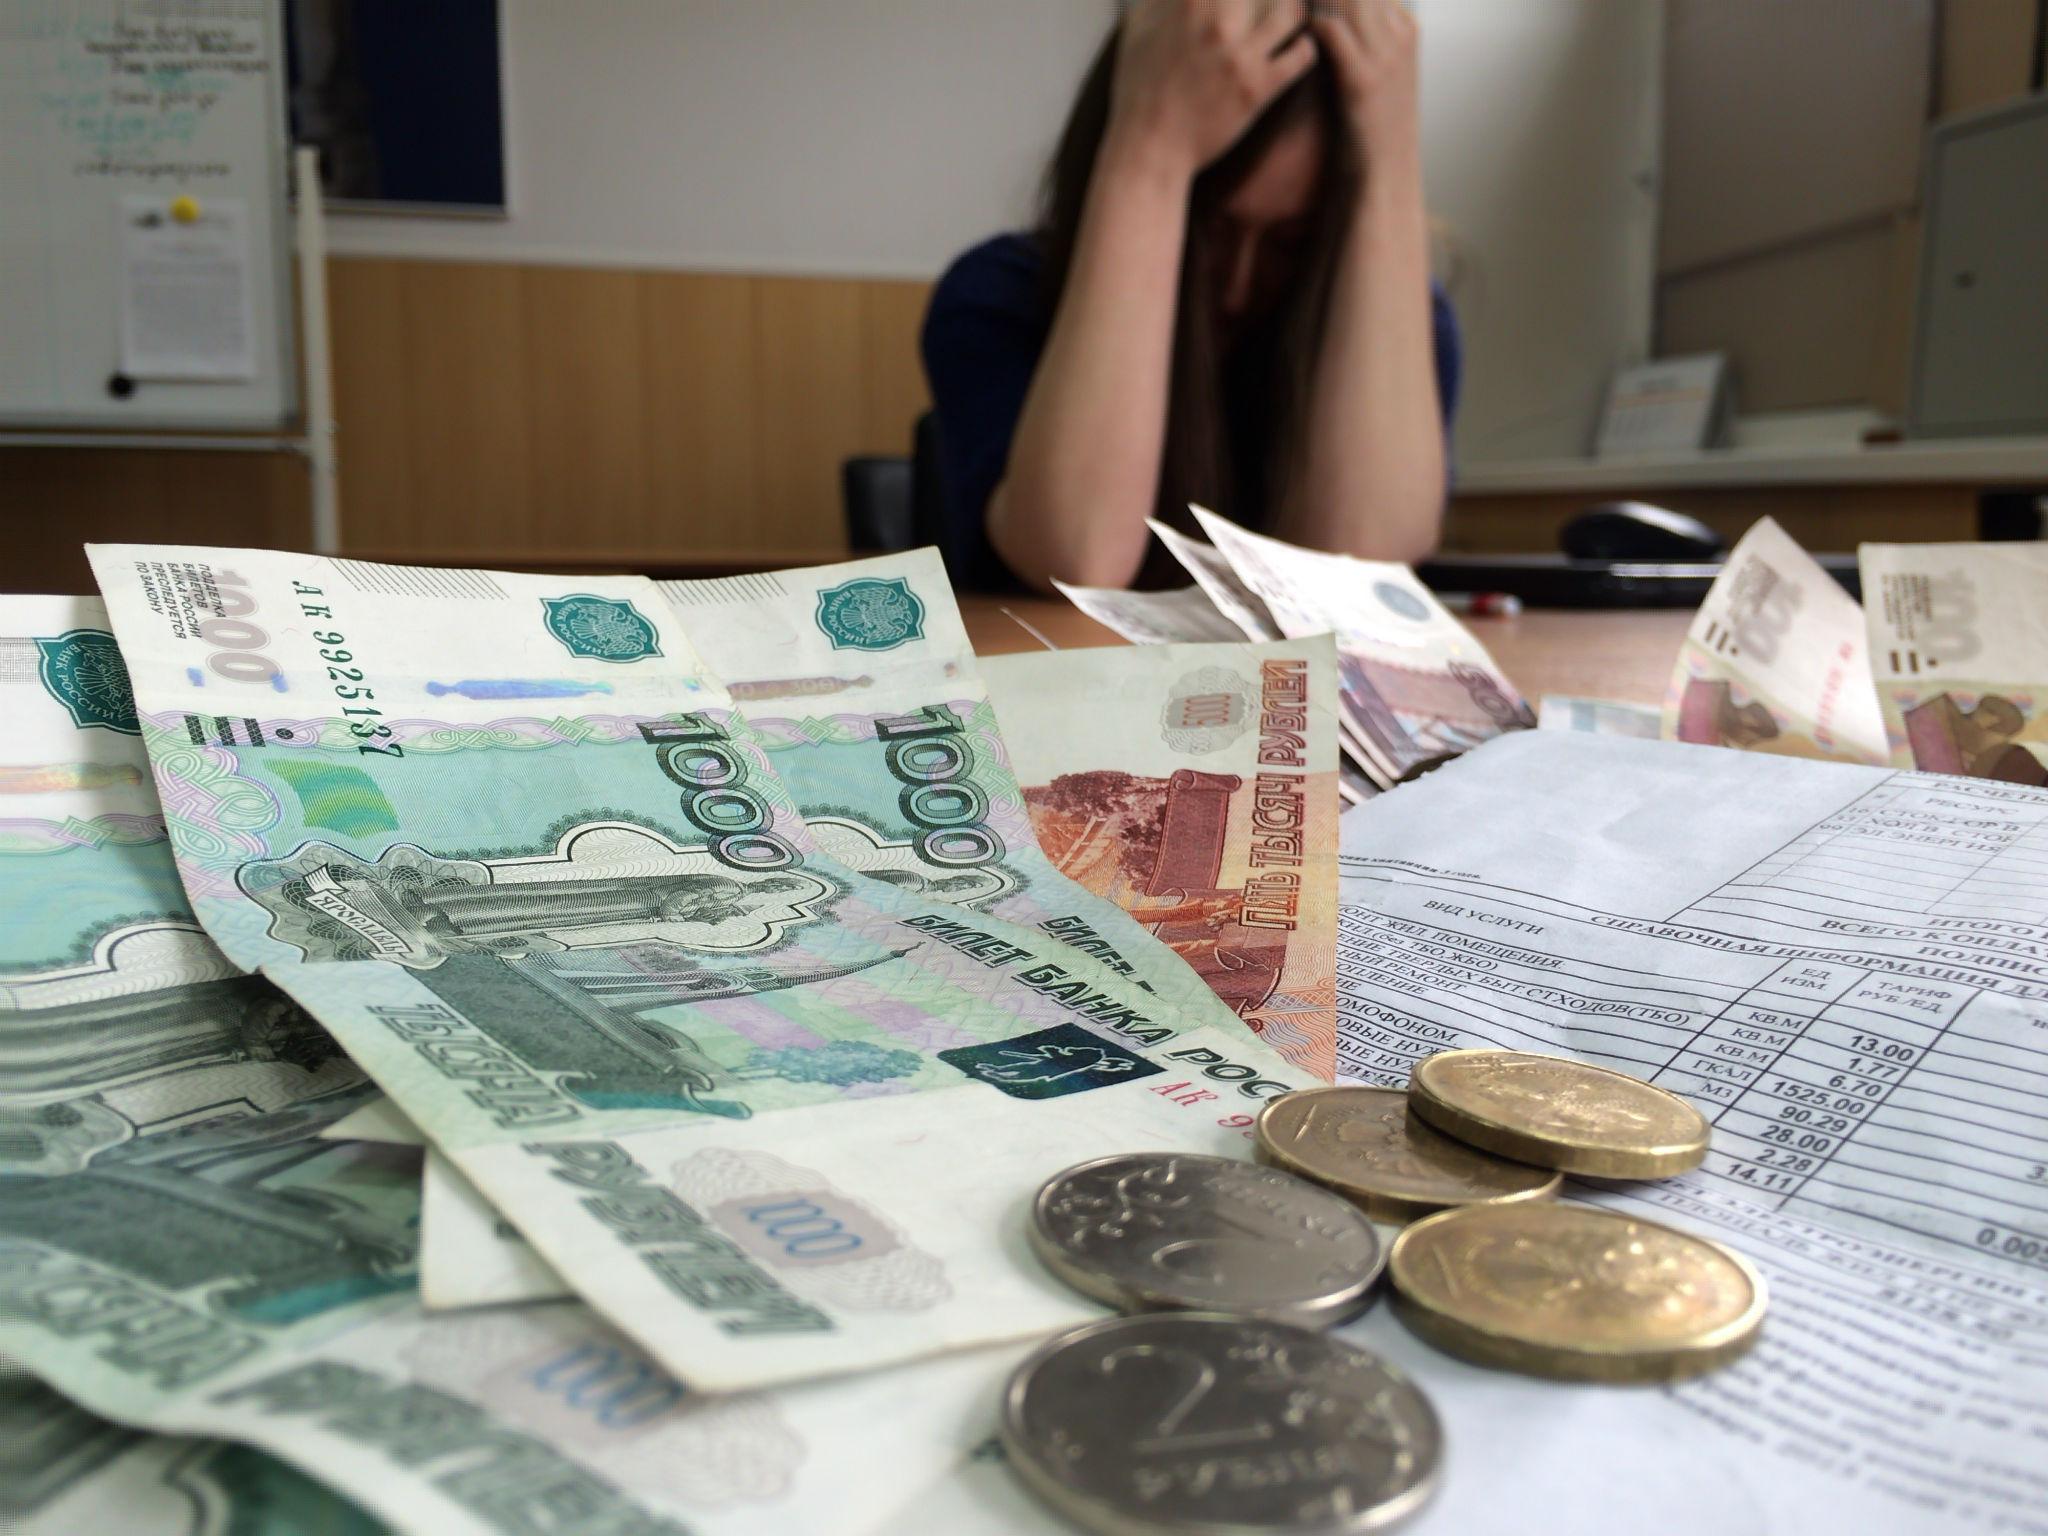 Есть целый сборник примет, которые регламентируют, как правильно давать в долг деньги.